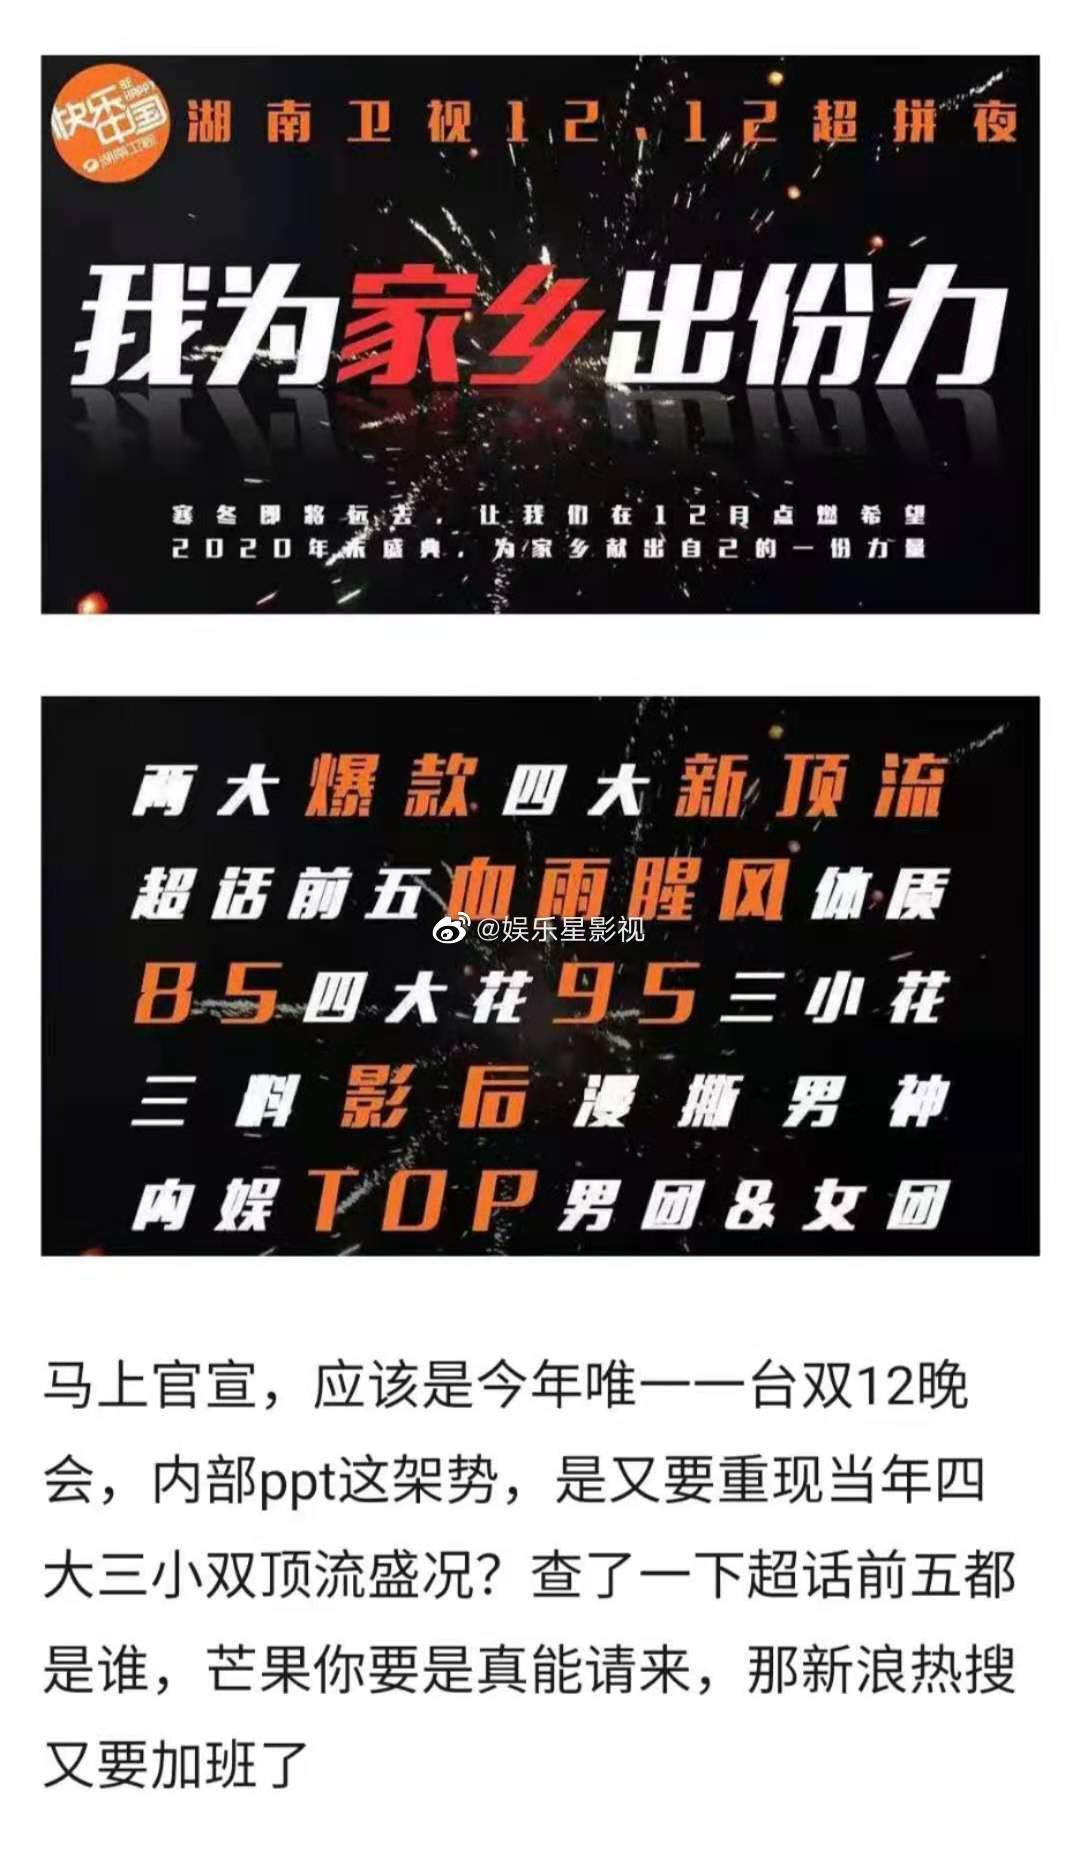 湖南卫视双十二晚会艺人名单来了!讲真真的不是秀圈春晚嘛!……